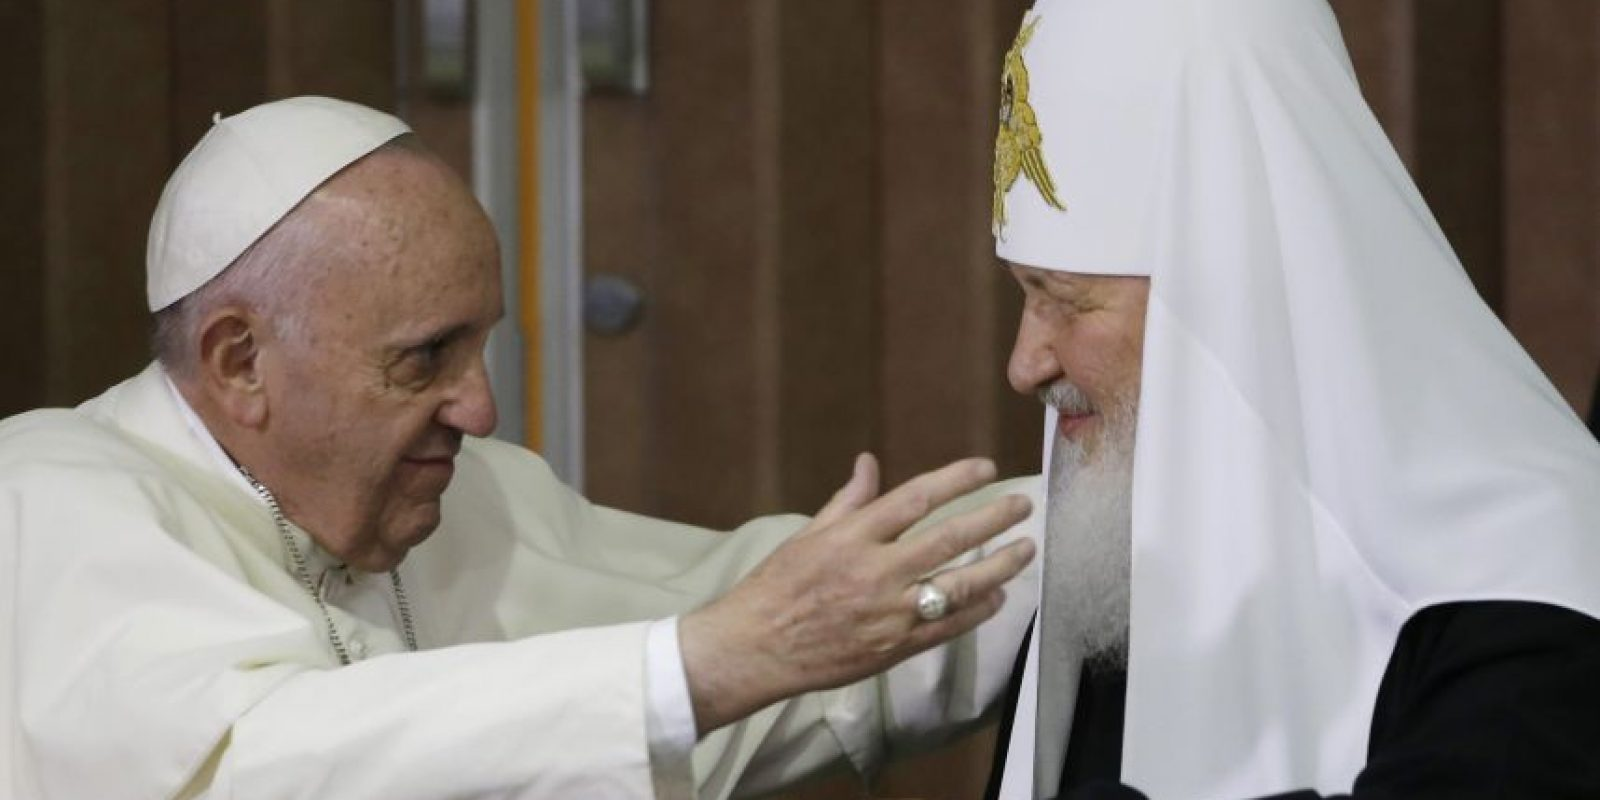 El Papa Francisco y el patriarca ortodoxo de Moscú, Cirilo I, se dieron hoy un histórico abrazo en la sala presidencial del aeropuerto José Martí de La Habana, en el primer encuentro entre un pontífice romano y un patriarca ruso. Foto:AP